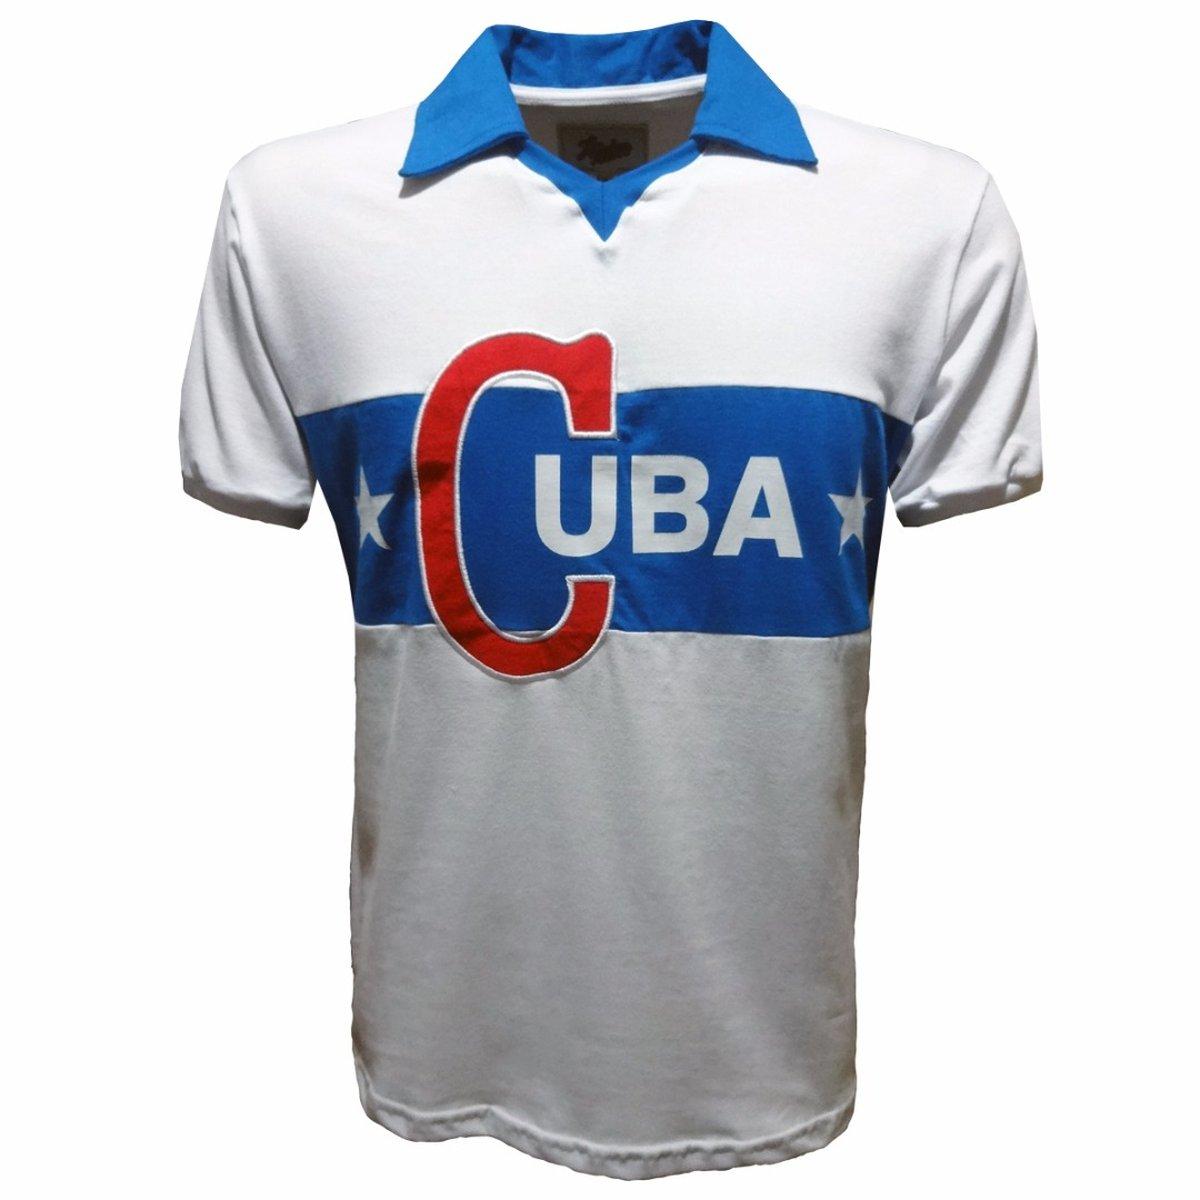 Camisetas Liga Retrô com os melhores preços  bf86a1653064f